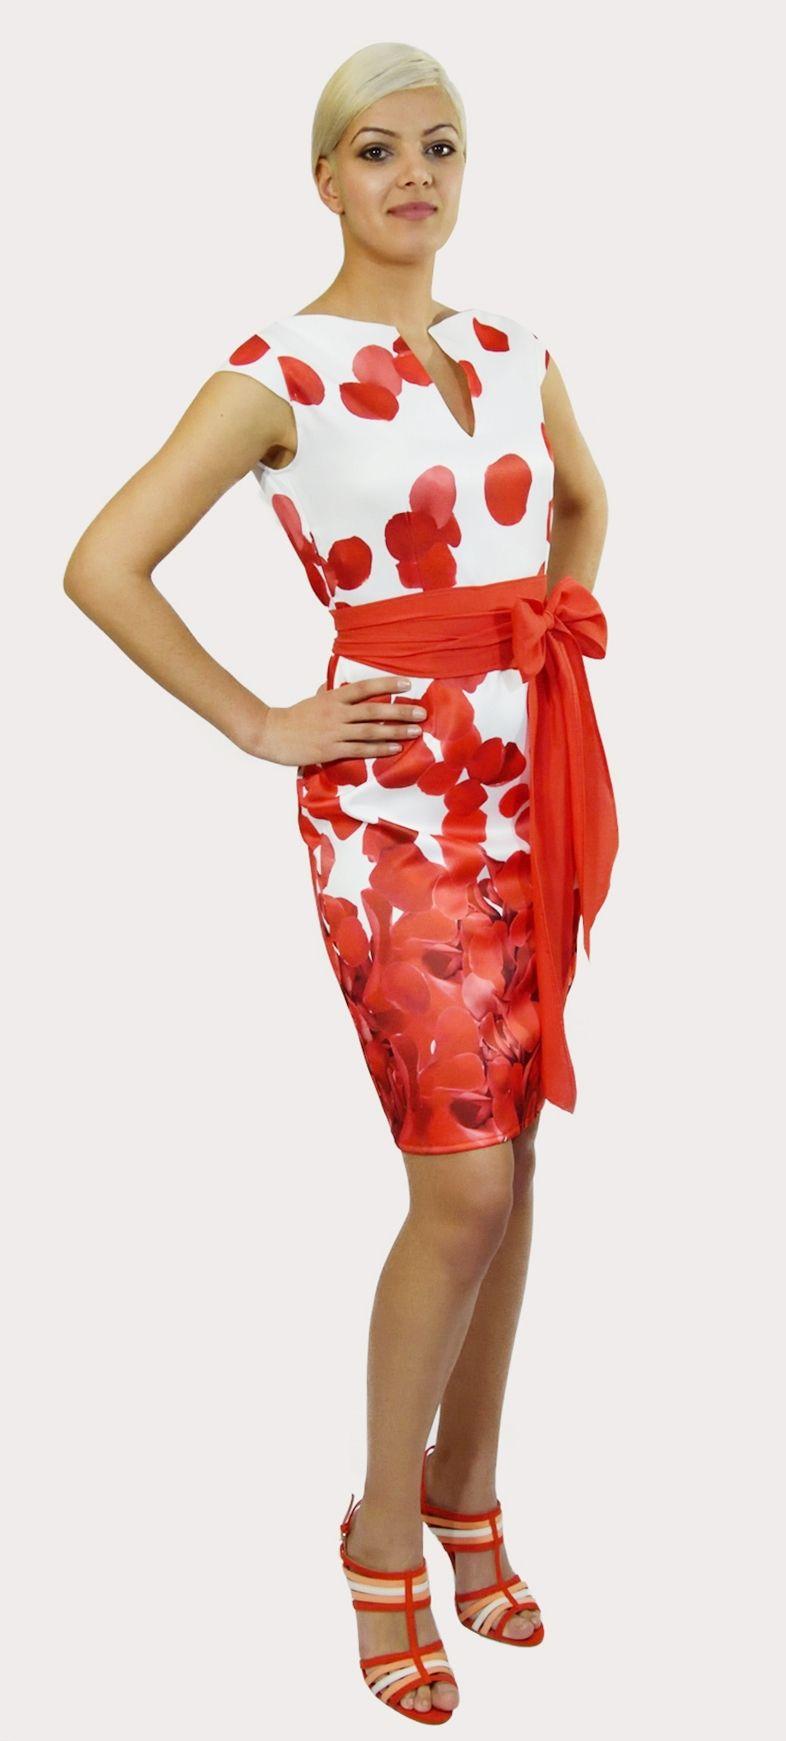 Vestido tejido Fama con Petalos Rojos sobre fondo blanco. El escote fisura puede ir subido o bajado. Cremallera lateral. Manga casquillo.